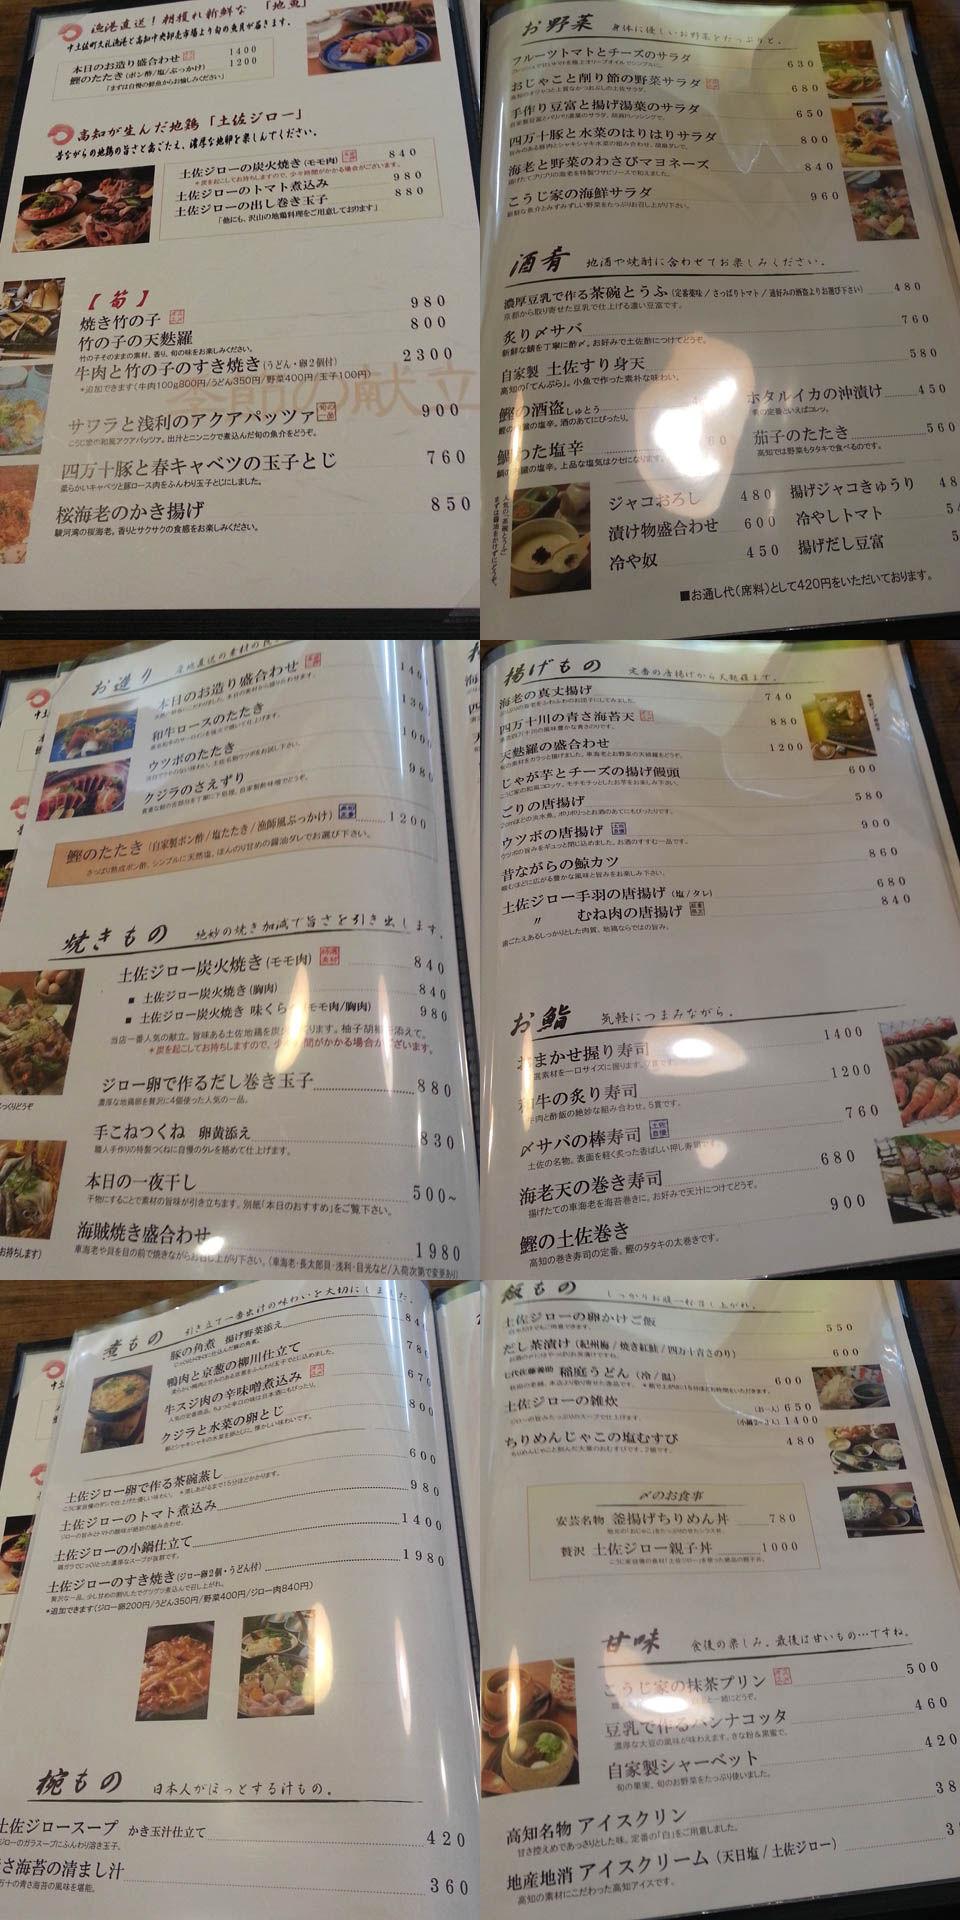 koujiya_012_new_0003.jpg